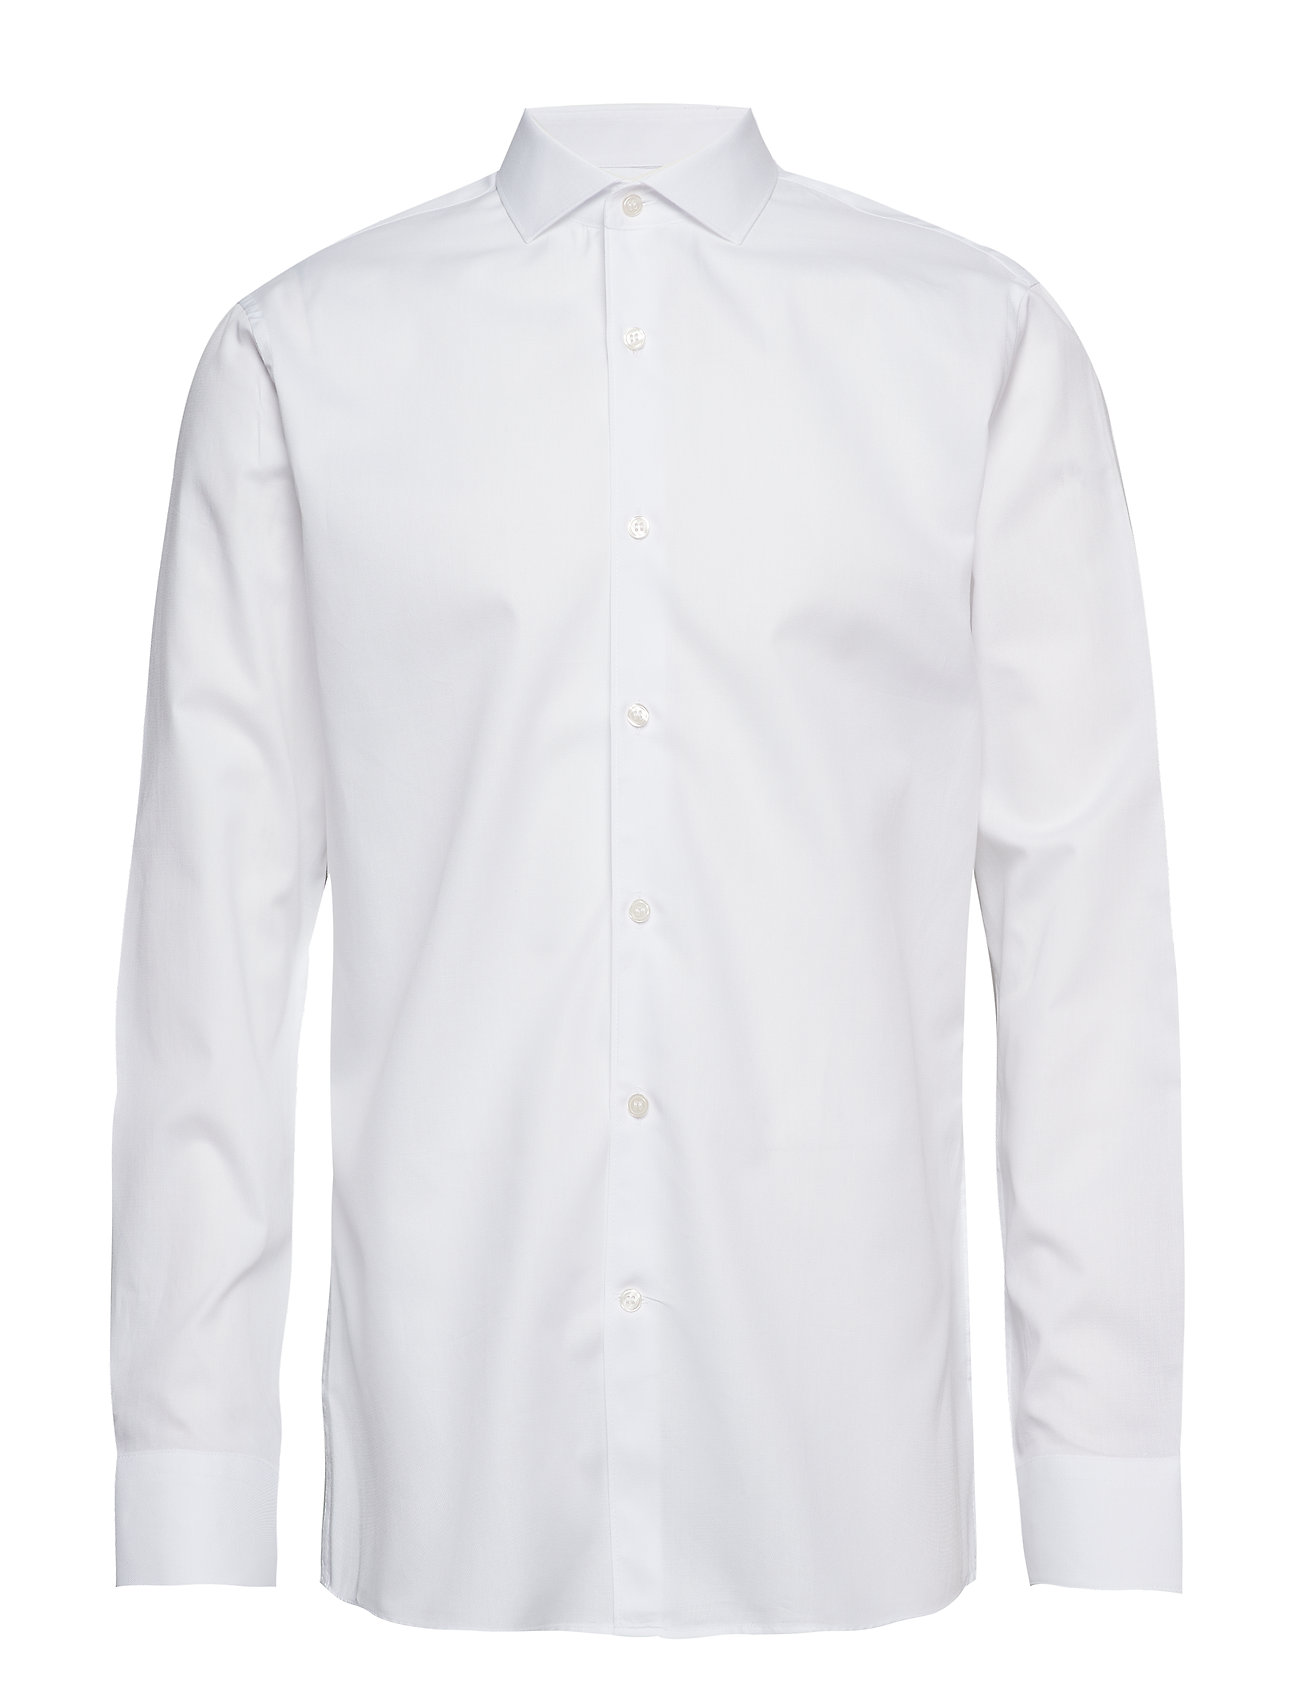 Farrell 5 Tiger of Sweden Business til Herrer i Pure White